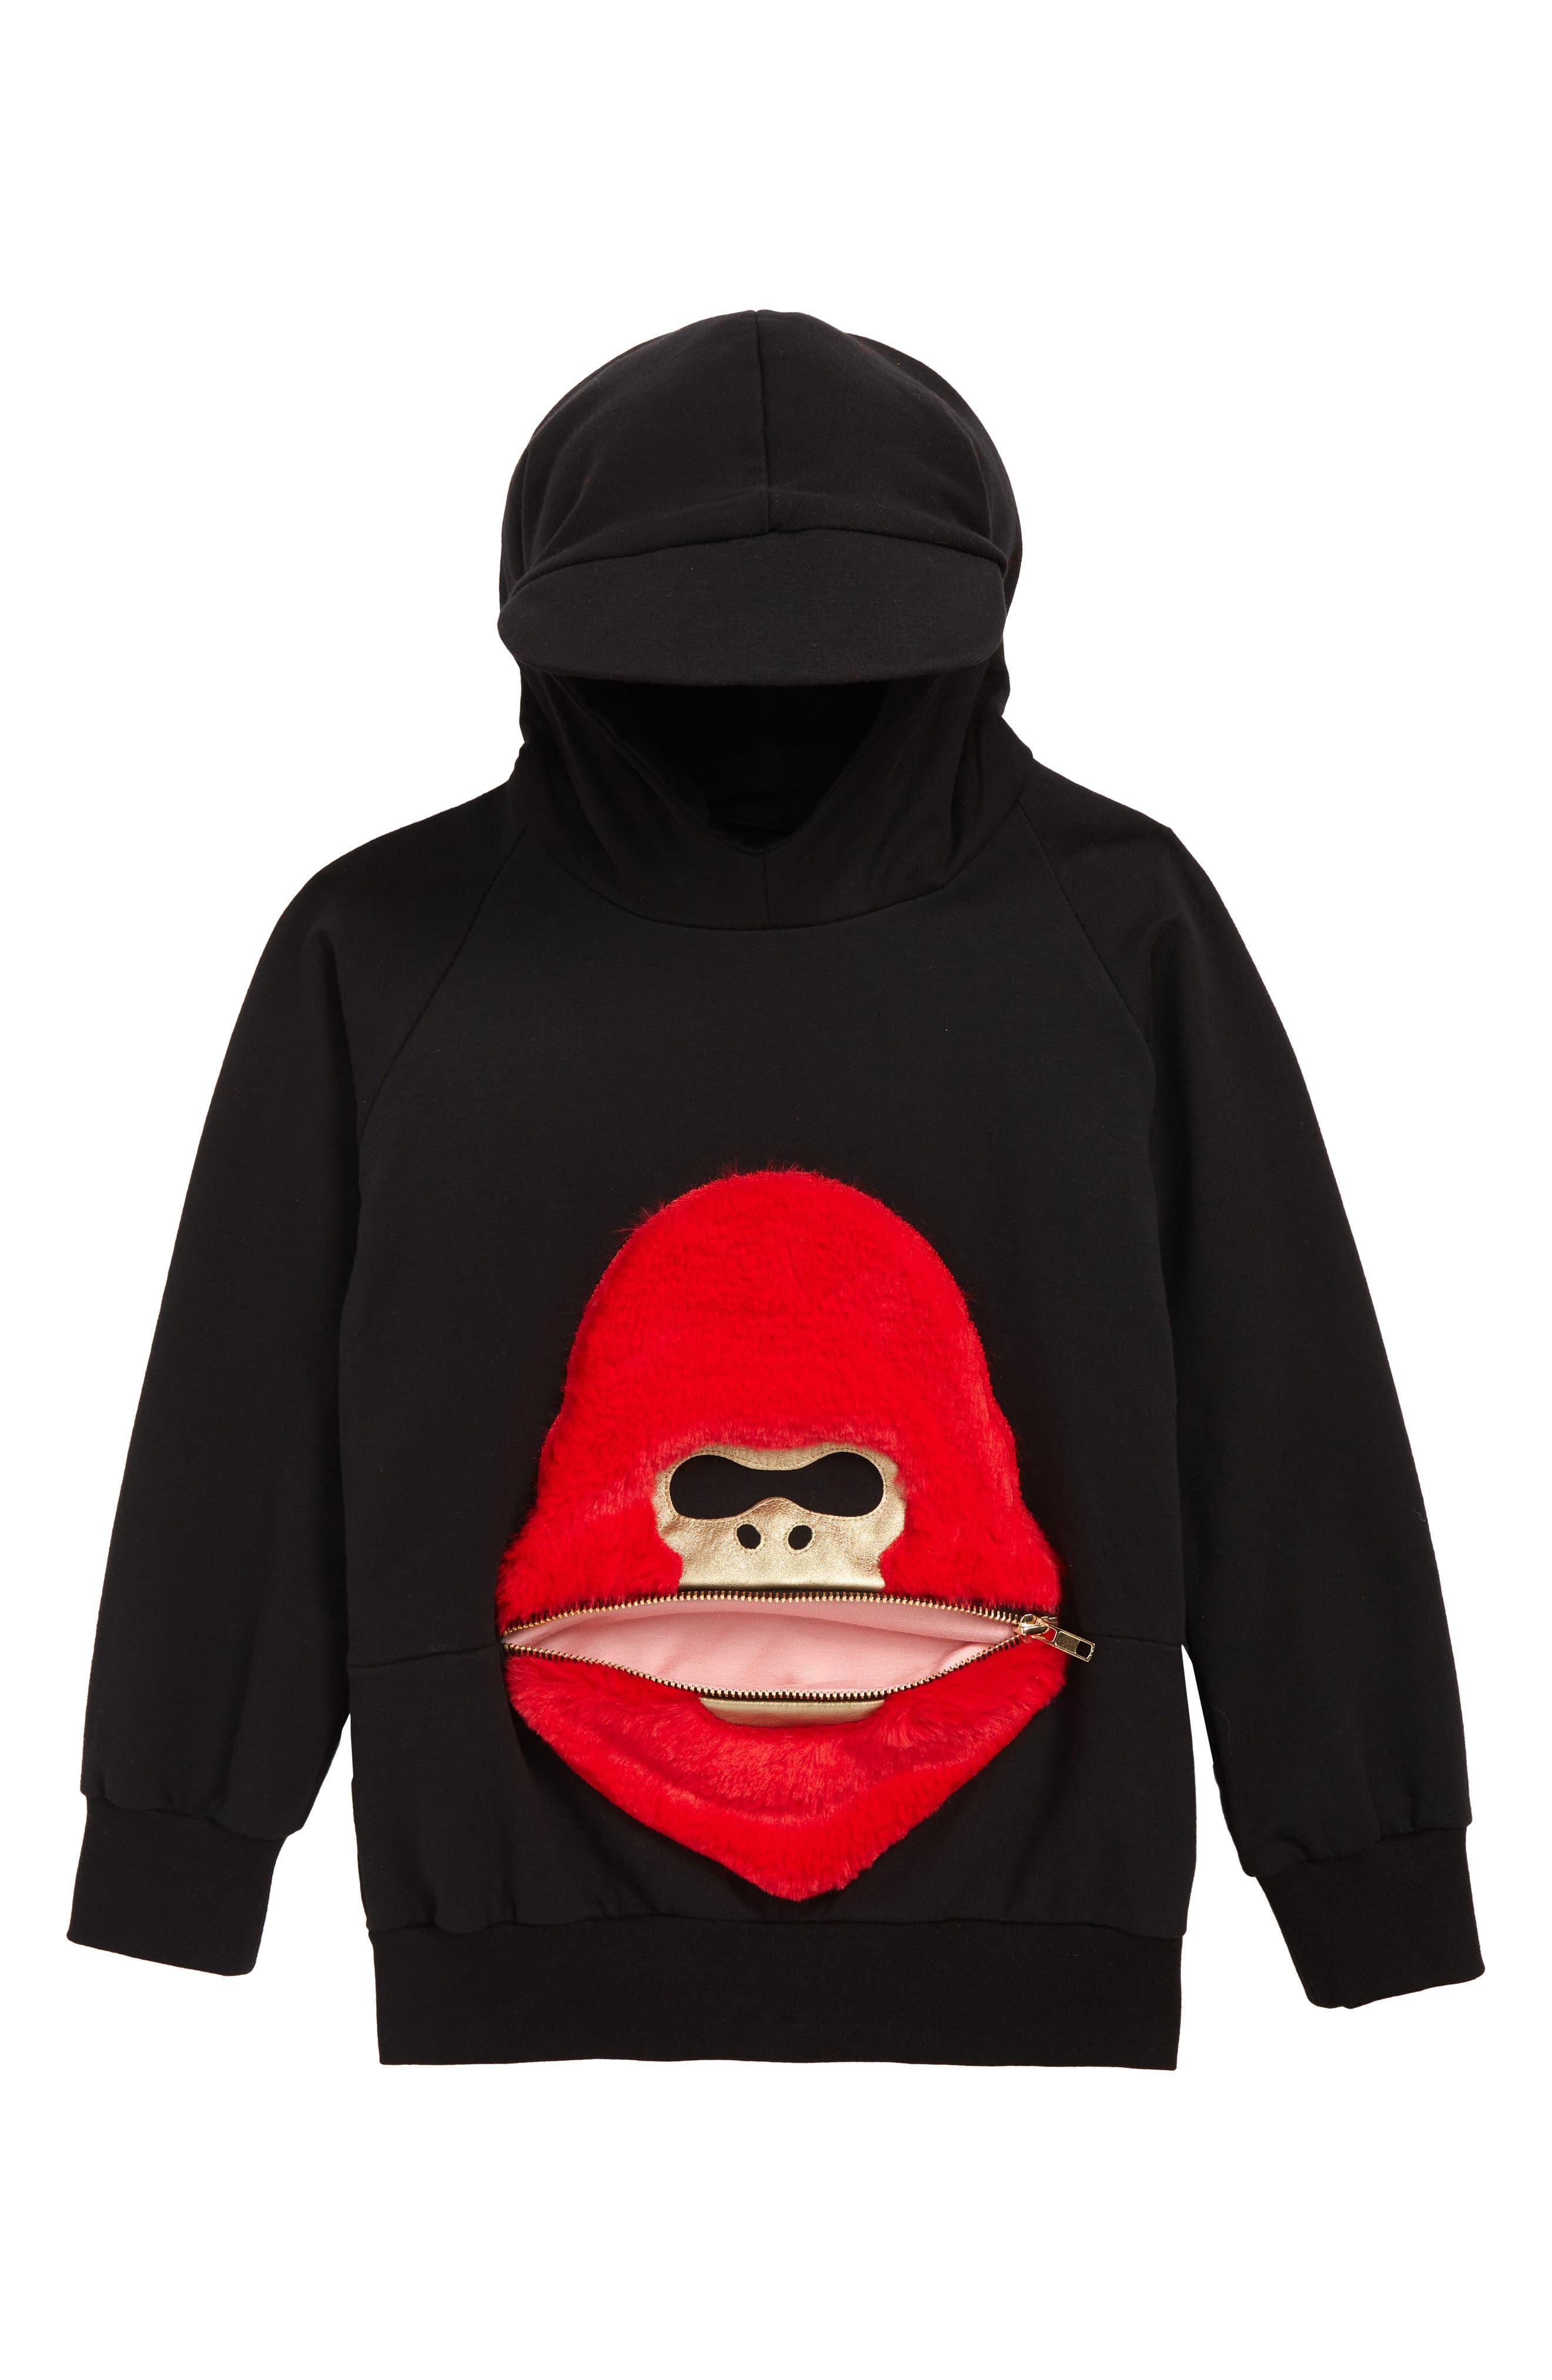 BANGBANG COPENHAGEN, Vicious Viggo Hooded Sweatshirt, Main thumbnail 1, color, BLACK